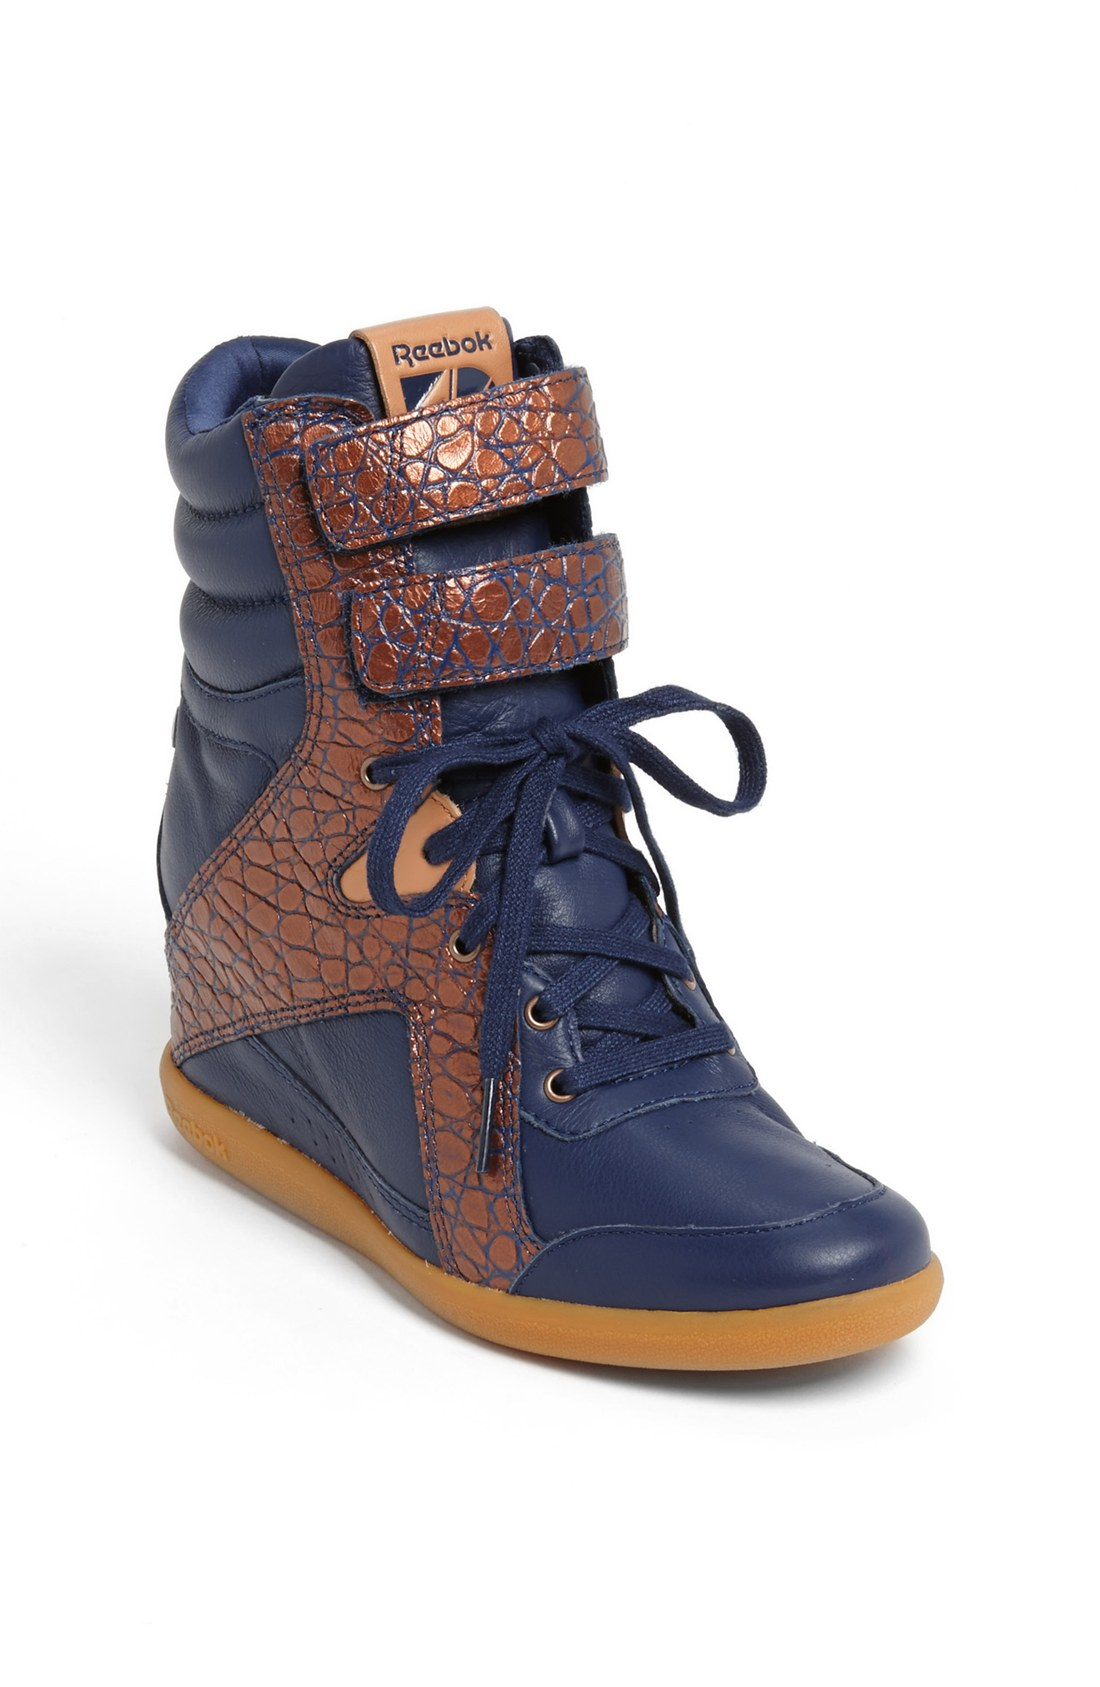 Alicia Keys Adidas Shoes